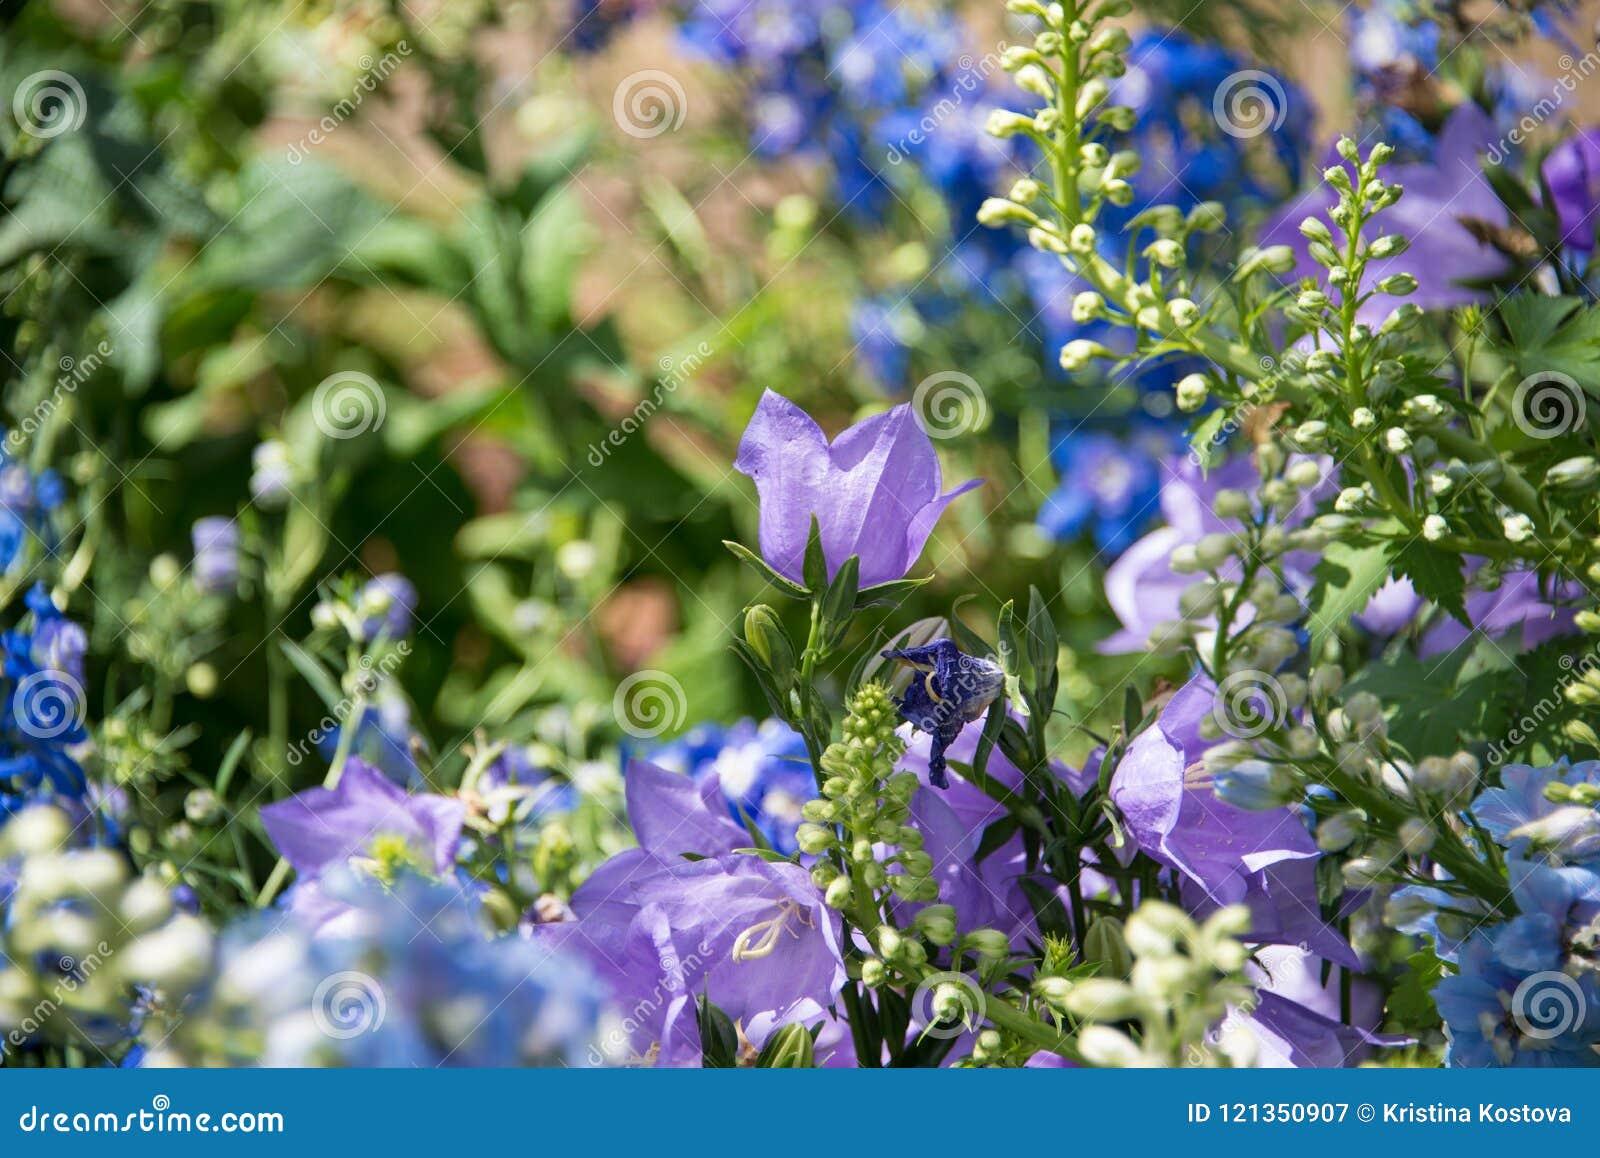 Delphinium grandiflorum flower in a green background